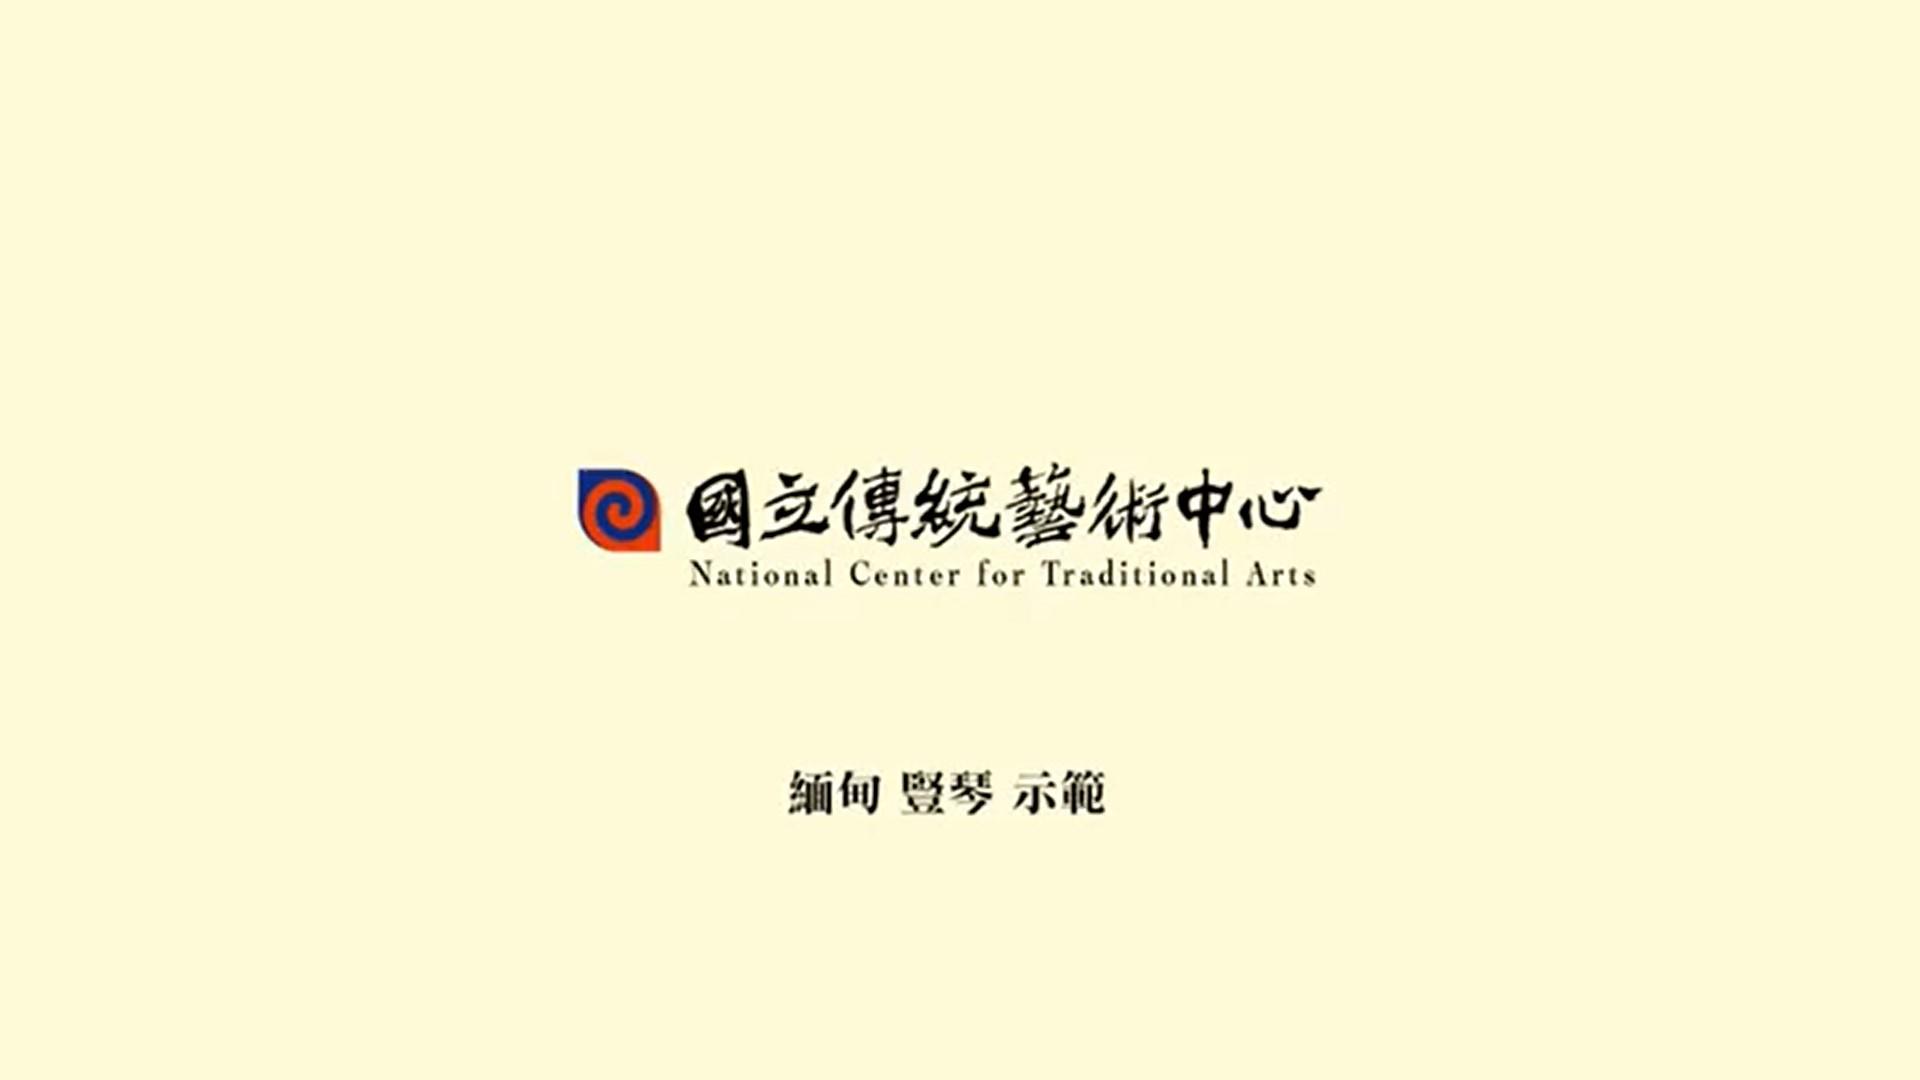 「亞太樂器常設展」樂器介紹-緬甸豎琴